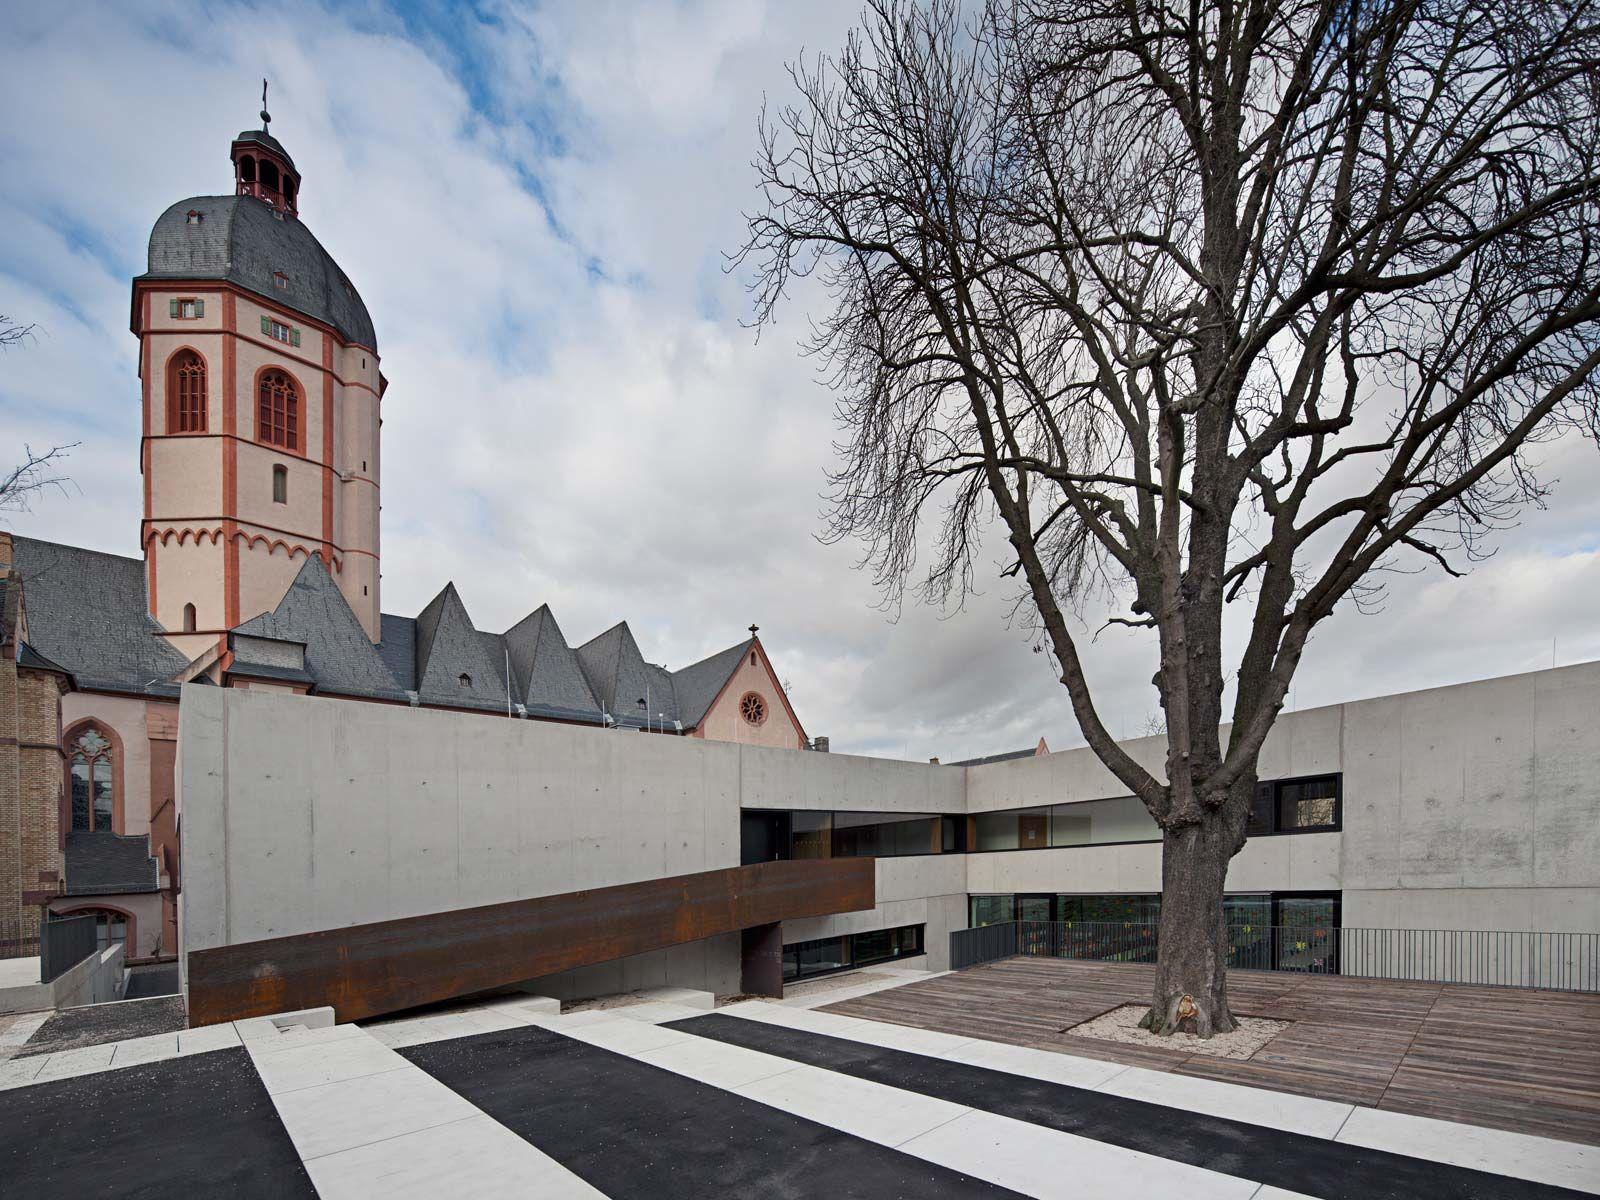 Architekten In Mainz best architects architektur award av1 architekten gmbh av1